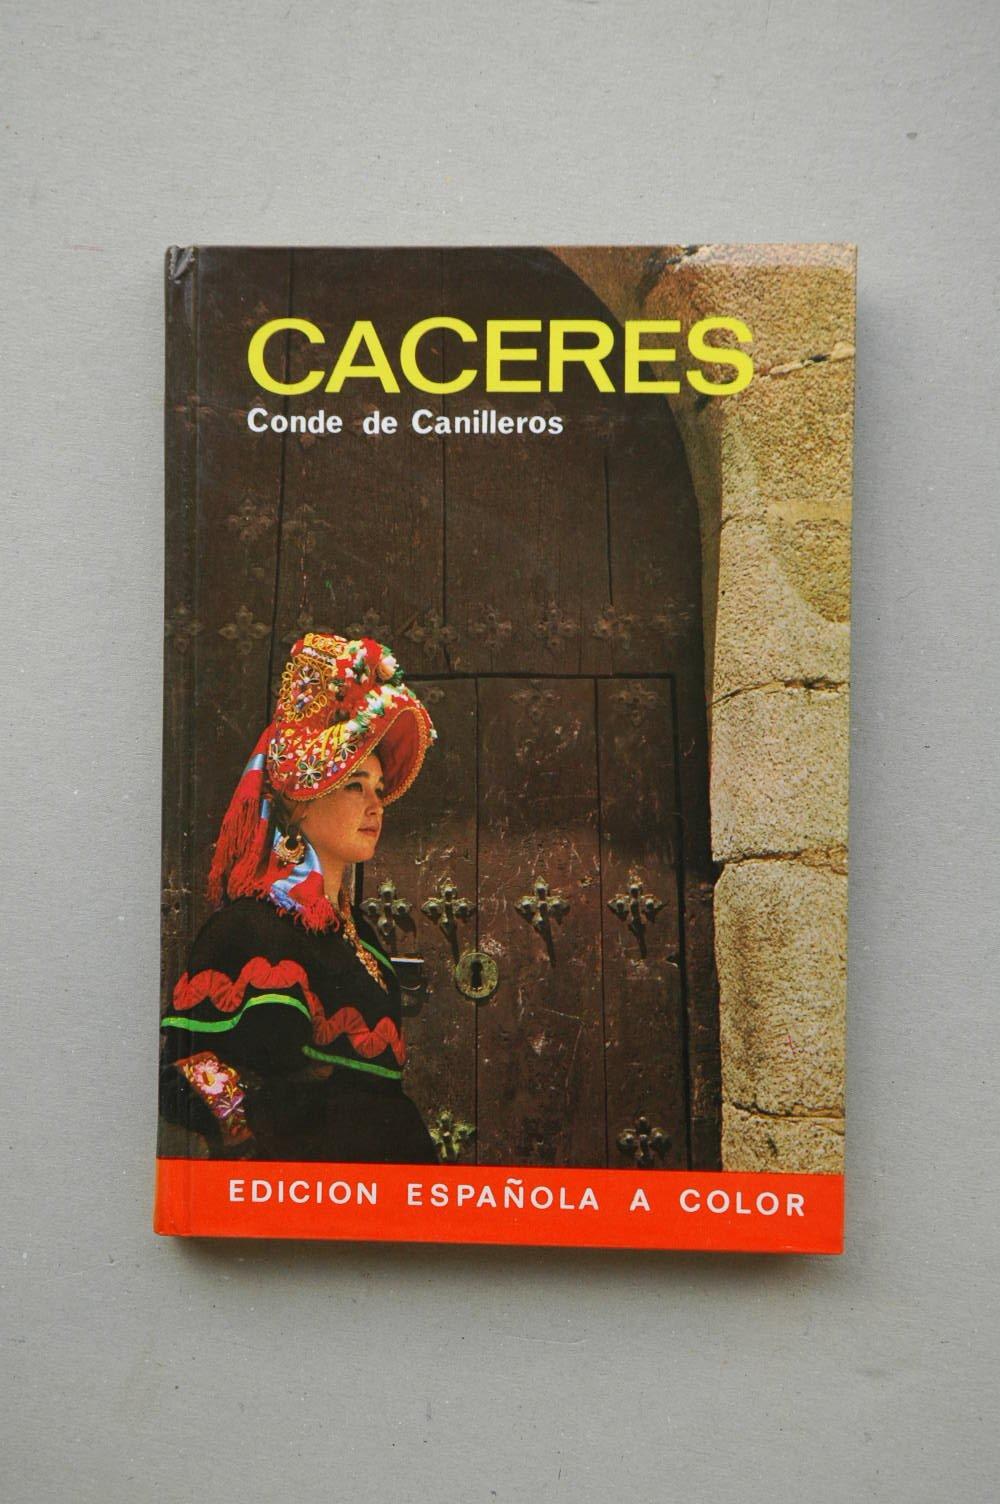 Cáceres / Miguel Muñoz de San Pedro, Conde de Canilleros ; fotografías Nistal... et al.: Amazon.es: Miguel Muñoz de San Pedro, Conde de CANILLEROS: Libros